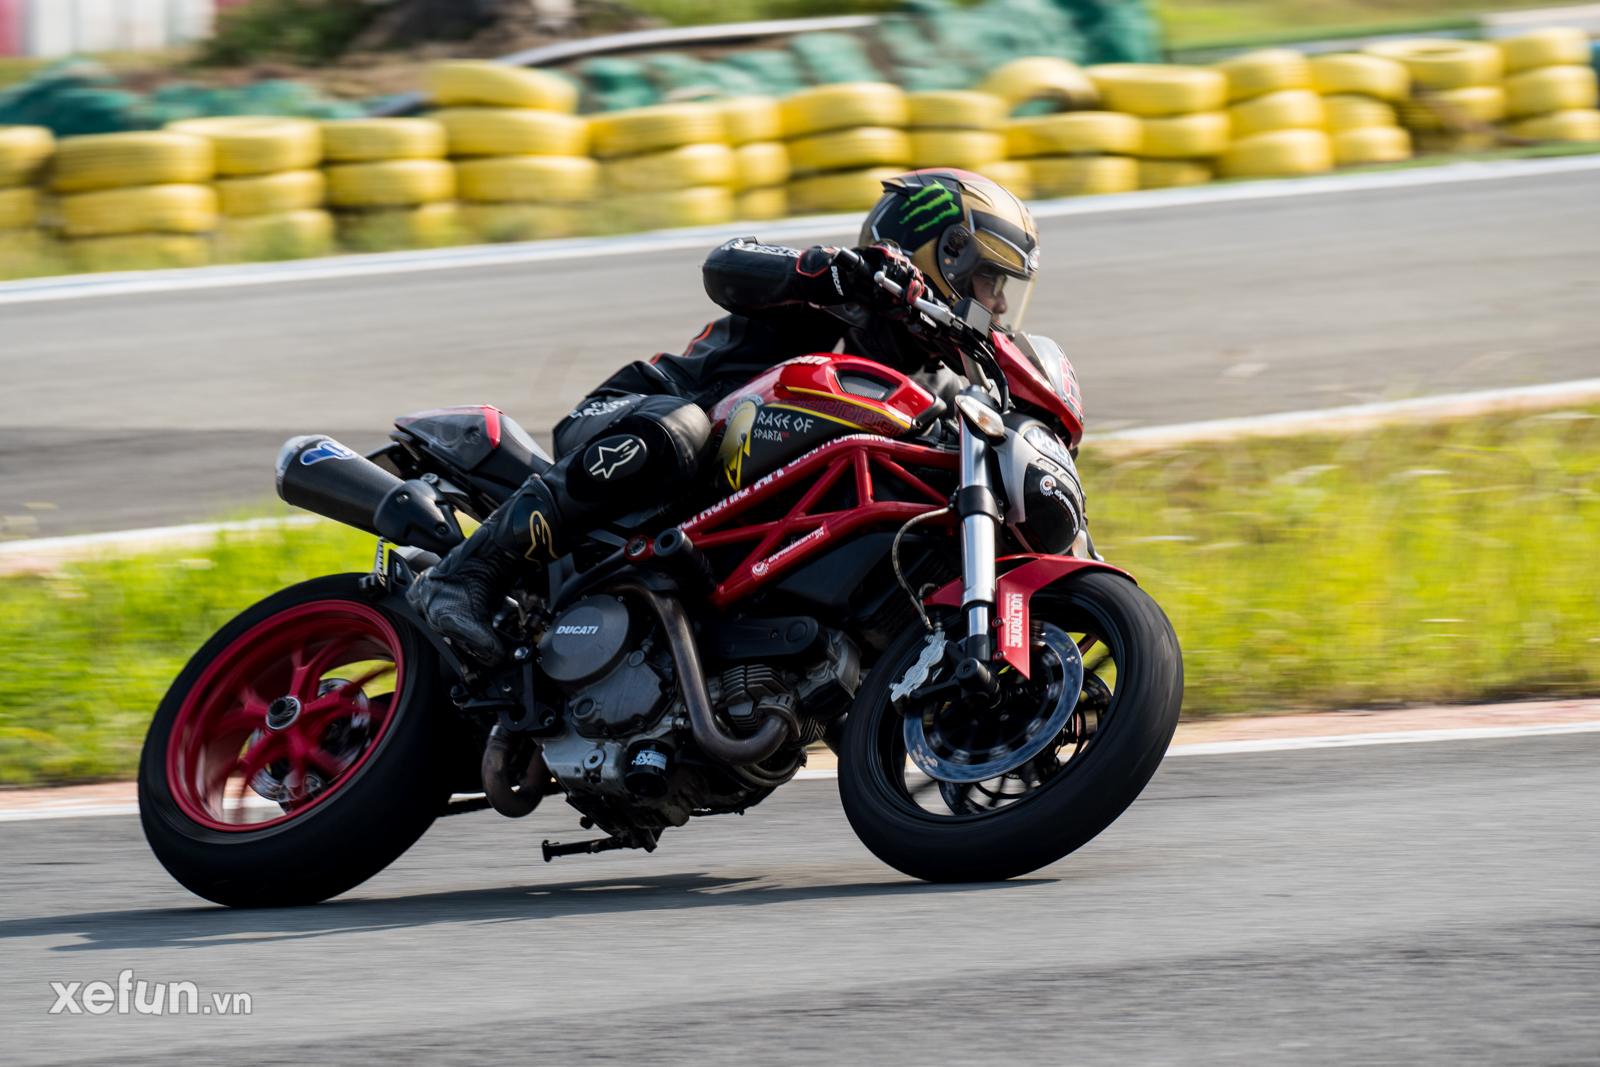 Các tay đua nài xe phân khối lớn PKL BMW S1000RR Ducati Monster Kawasaki Ninja ZX10R tại Trường đua Đại Nam trên Xefun (140)Ư546